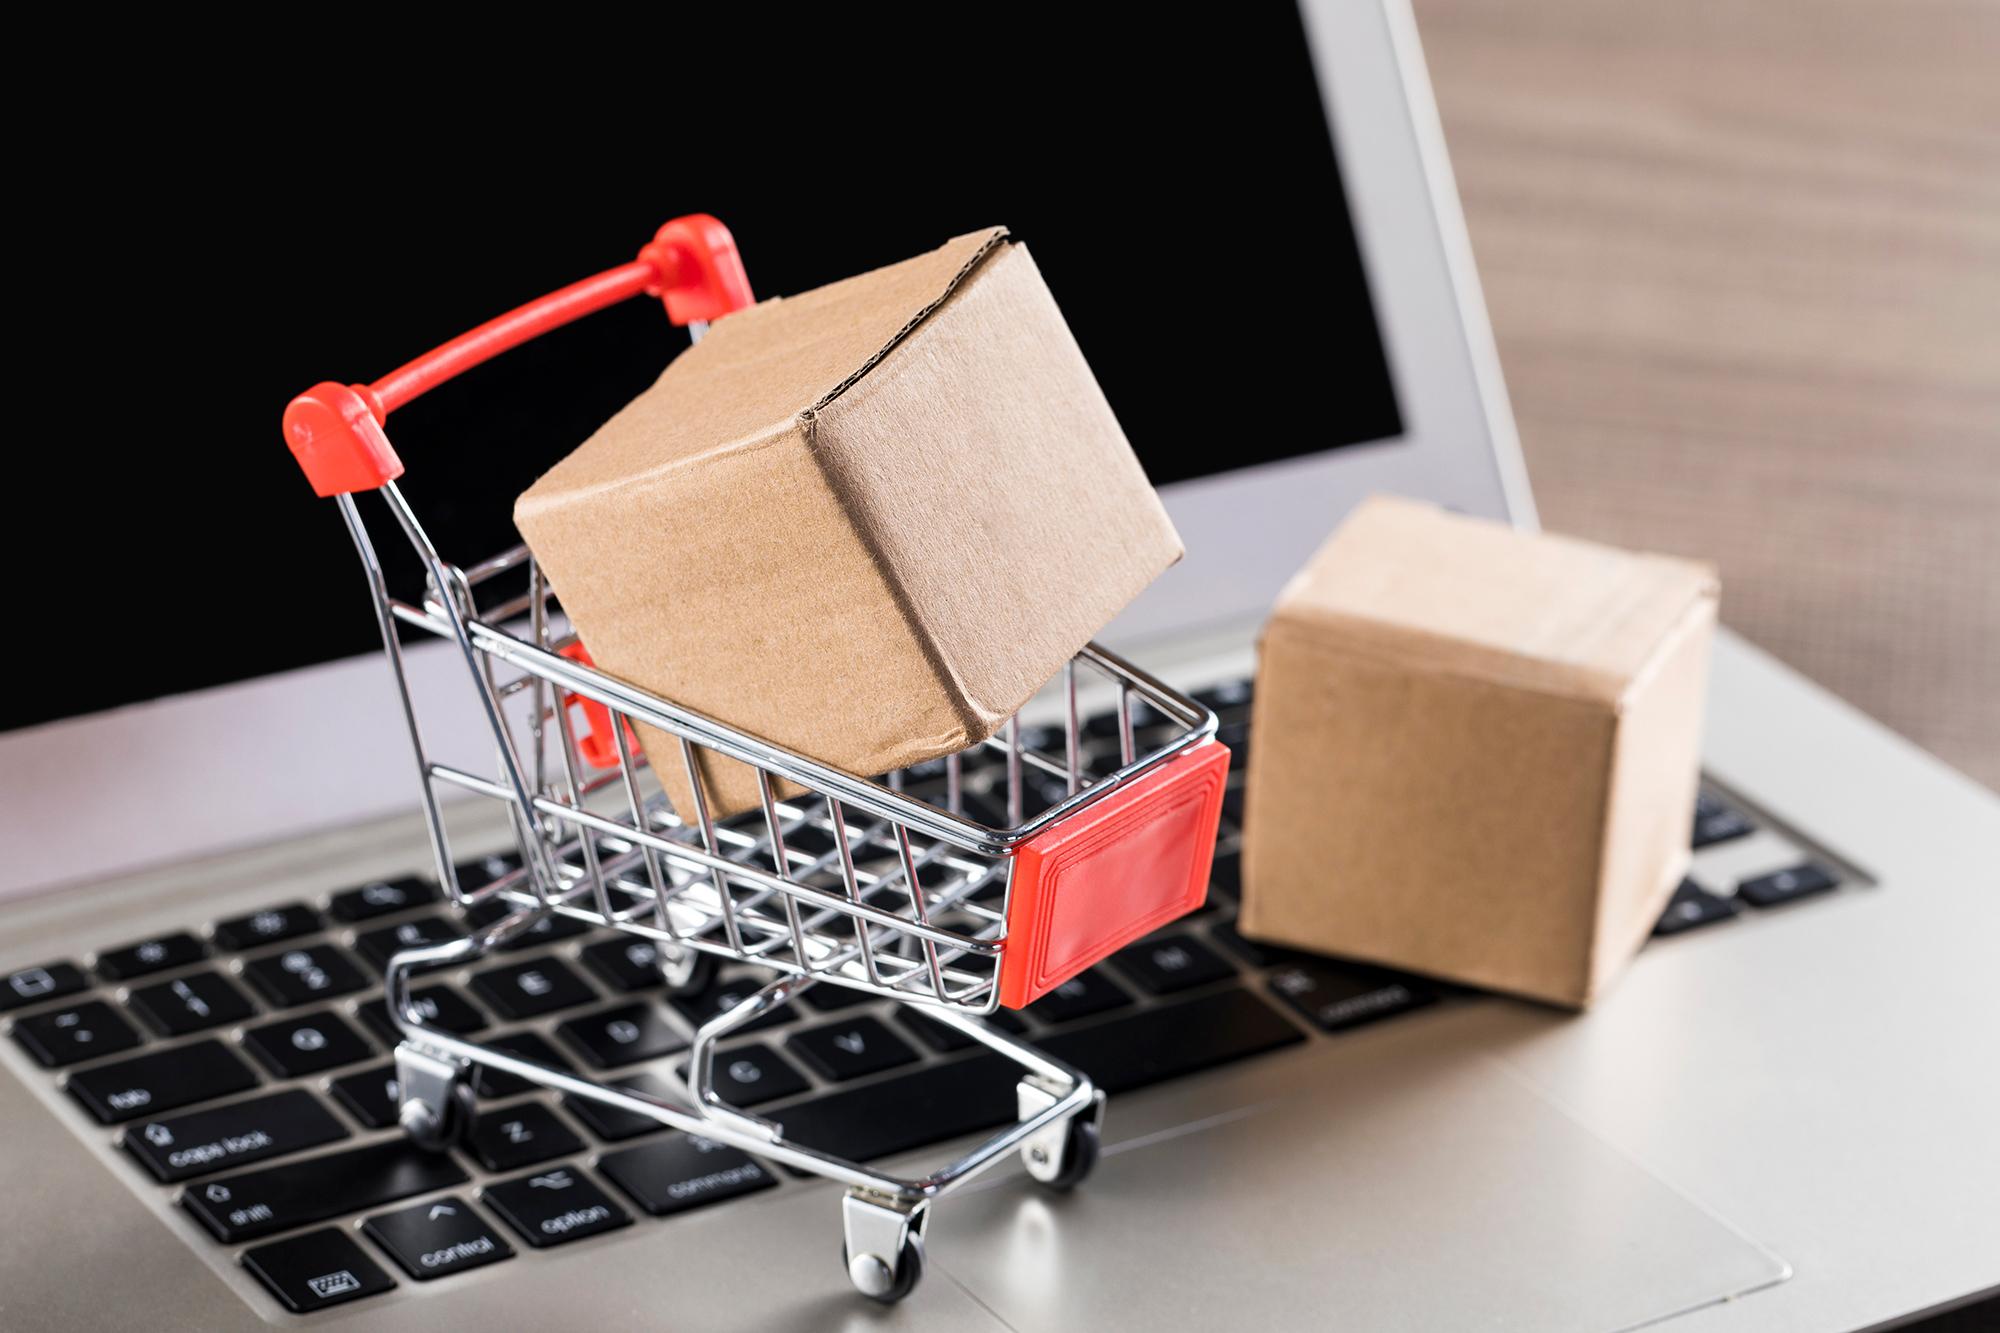 分期消费越来越流行,划算吗?消费者要留意风险